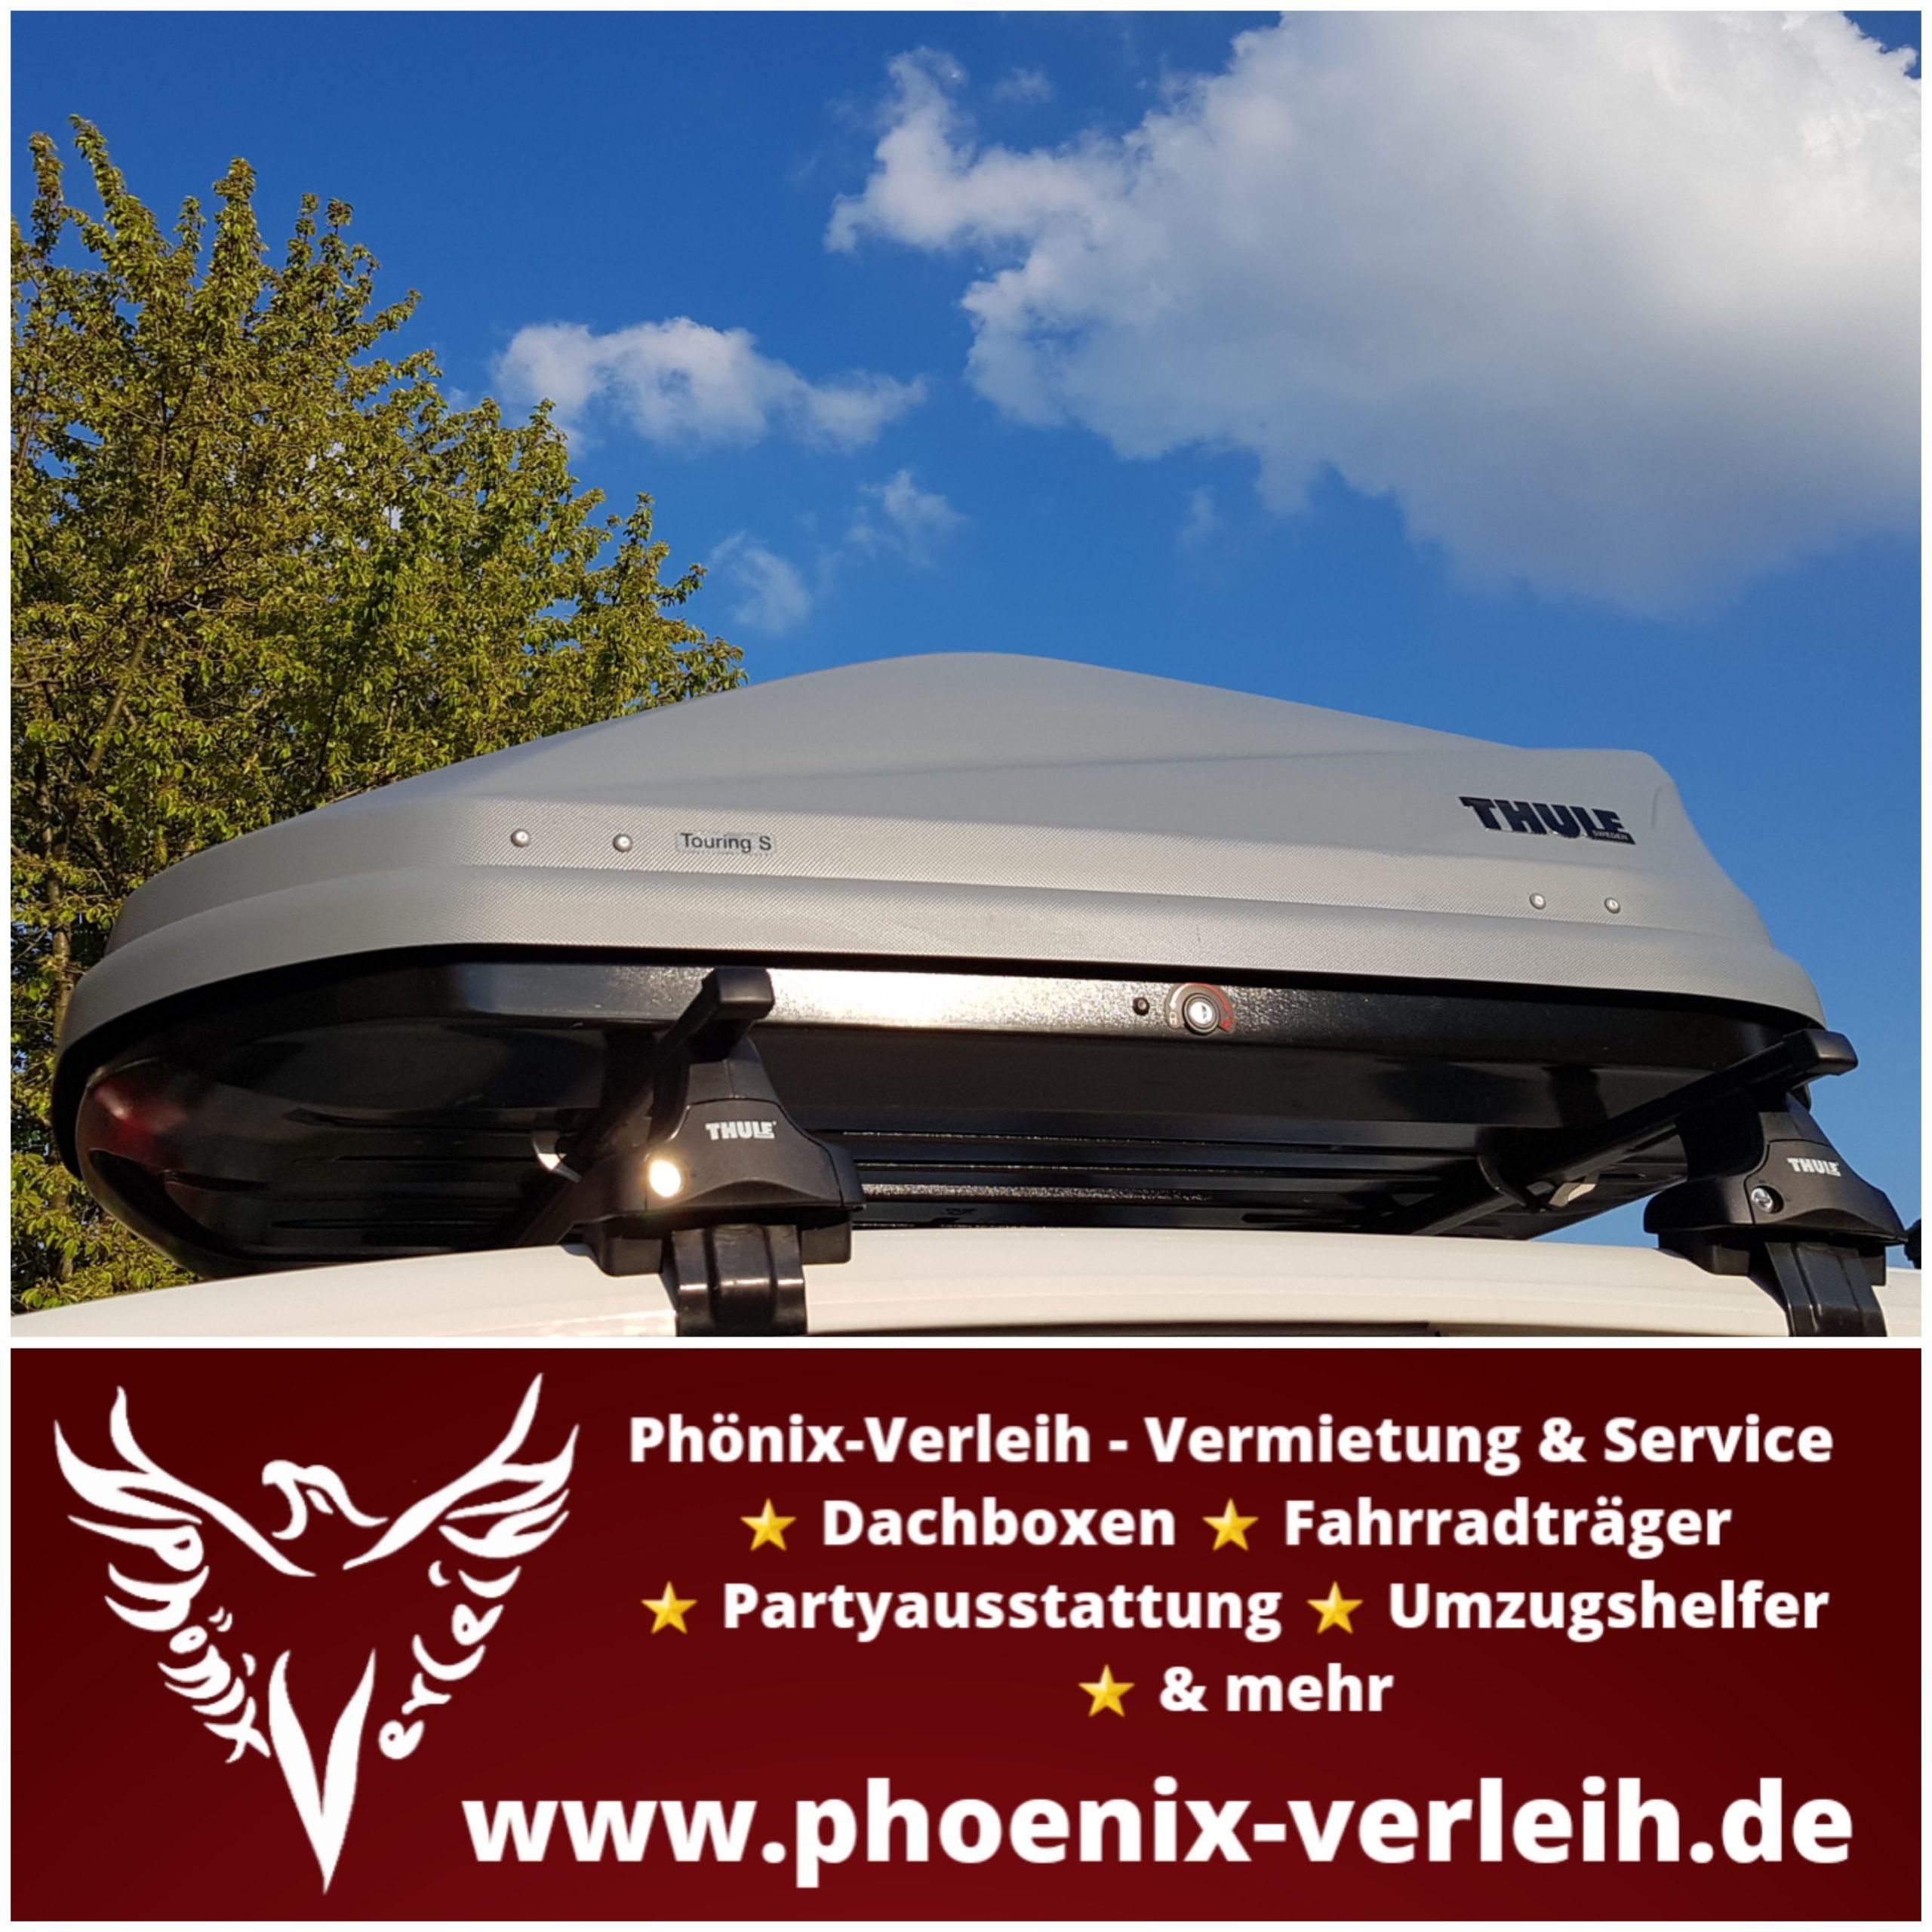 Phoenix-Verleih-Vermietung-Service-zuverlässig-fair-leihen-Dachbox-Thule-Touring-S-mieten-NRW- Kreis-Wesel-Rheinberg-3